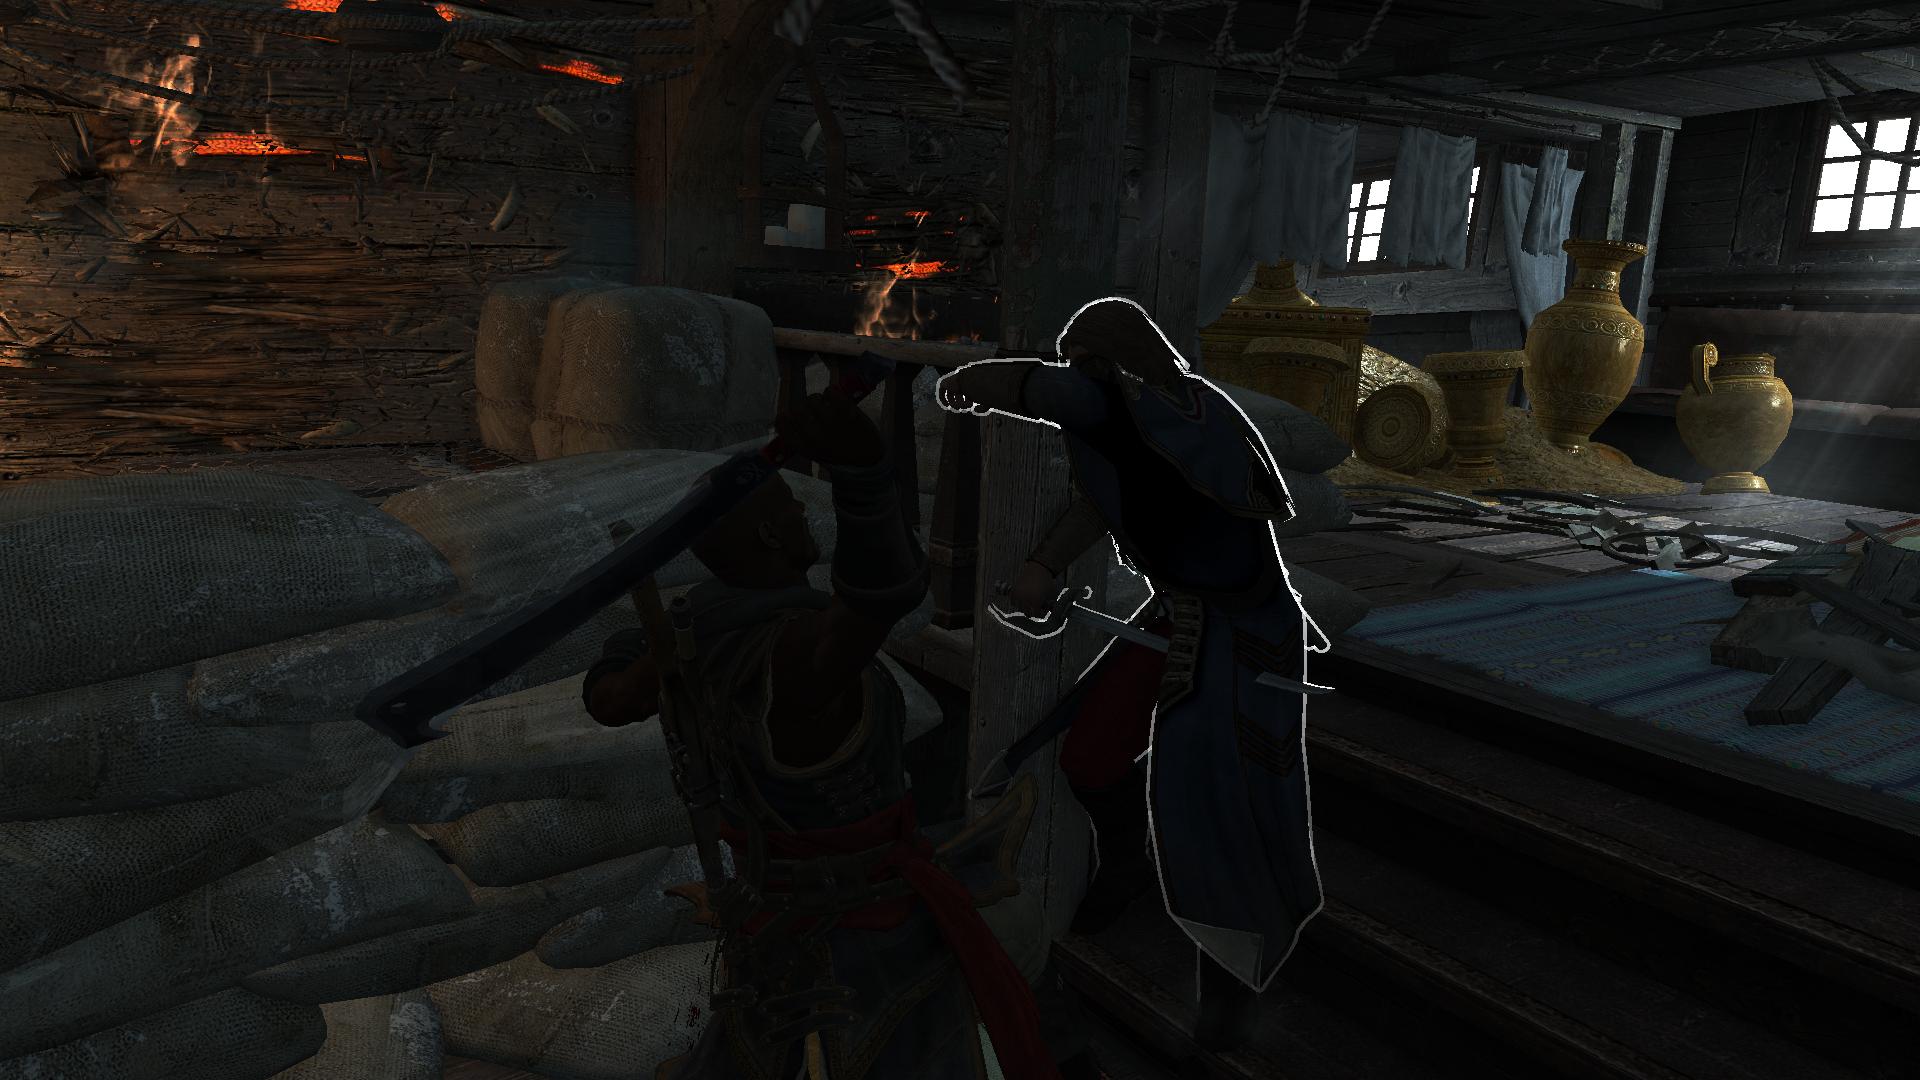 Ammiraglio Templare